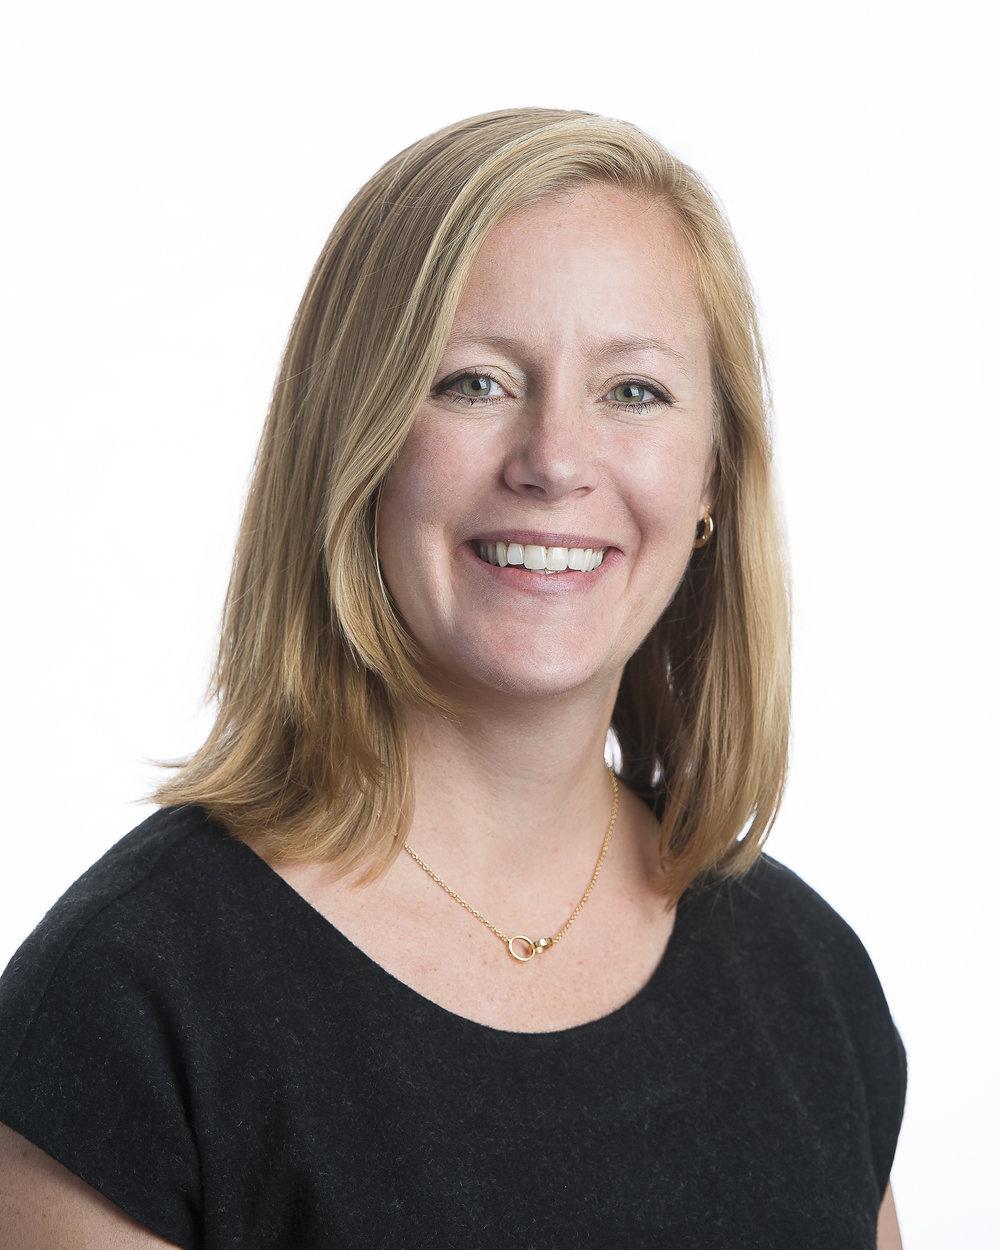 Geneviève Parent, Professeure titulaire à la Faculté de droit et titulaire de la Chaire de recherche en droit sur la diversité et la sécurité alimentaires à l'Université Laval